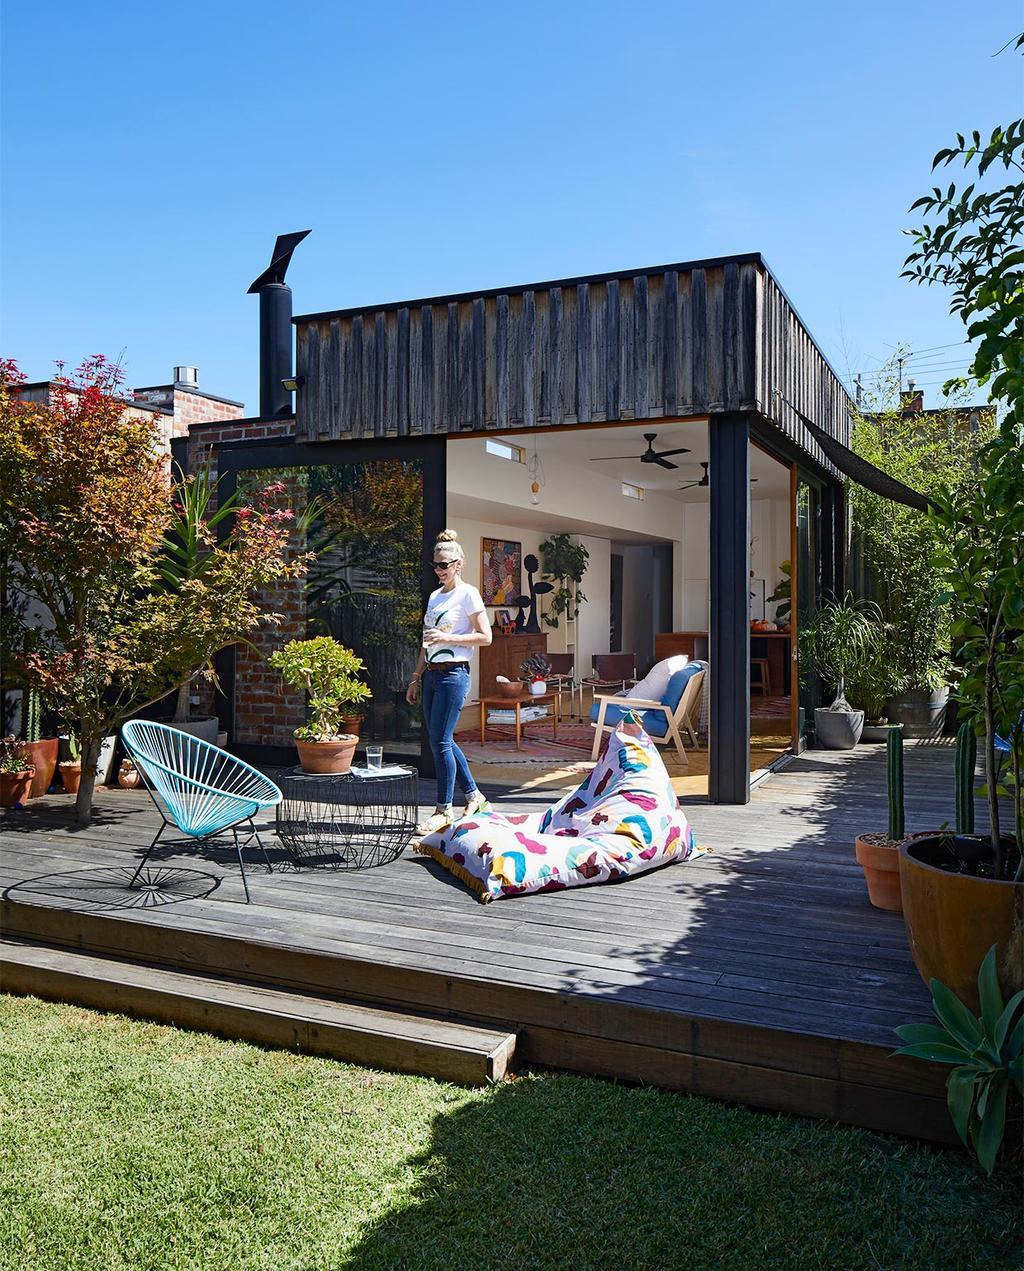 vtwonen binnenkijk special zomerhuizen 07-2021 | de tuin van de woning in Melbourne met luchtige stoelen